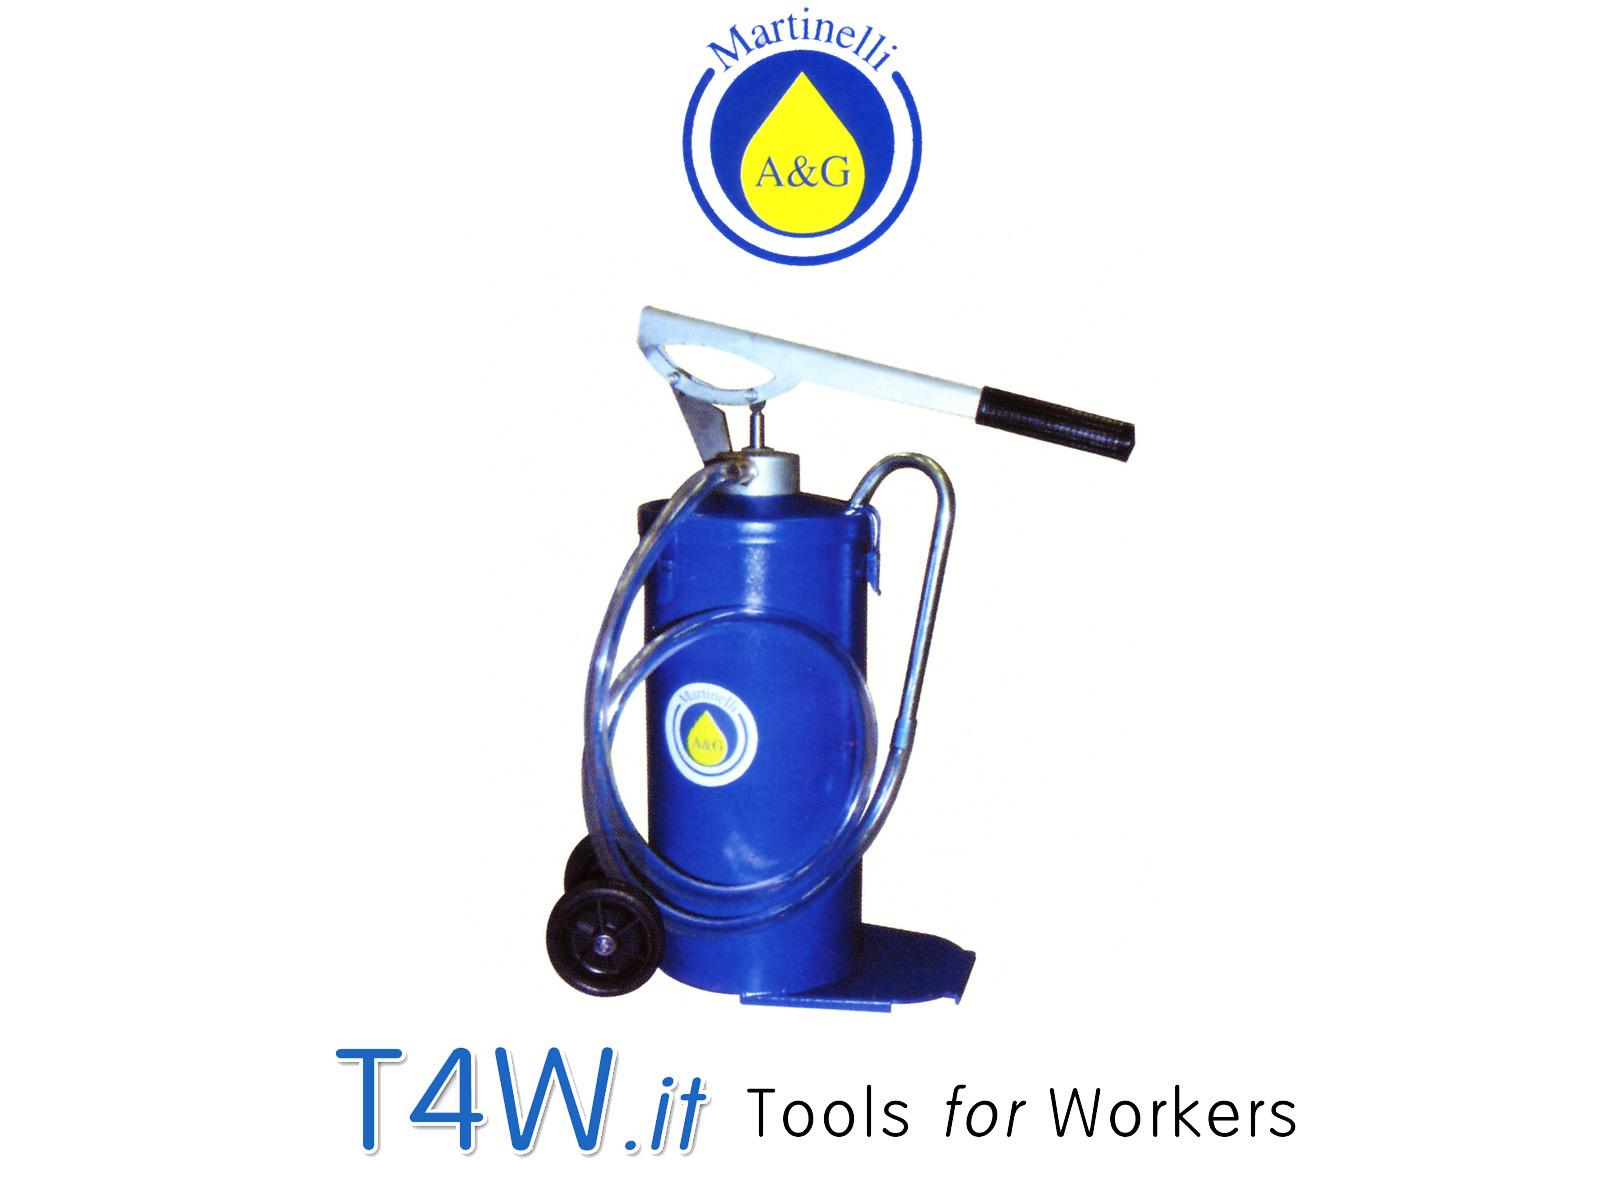 Pompa a barile per olio con ruote kg. 16 Art. 417 Martinelli -